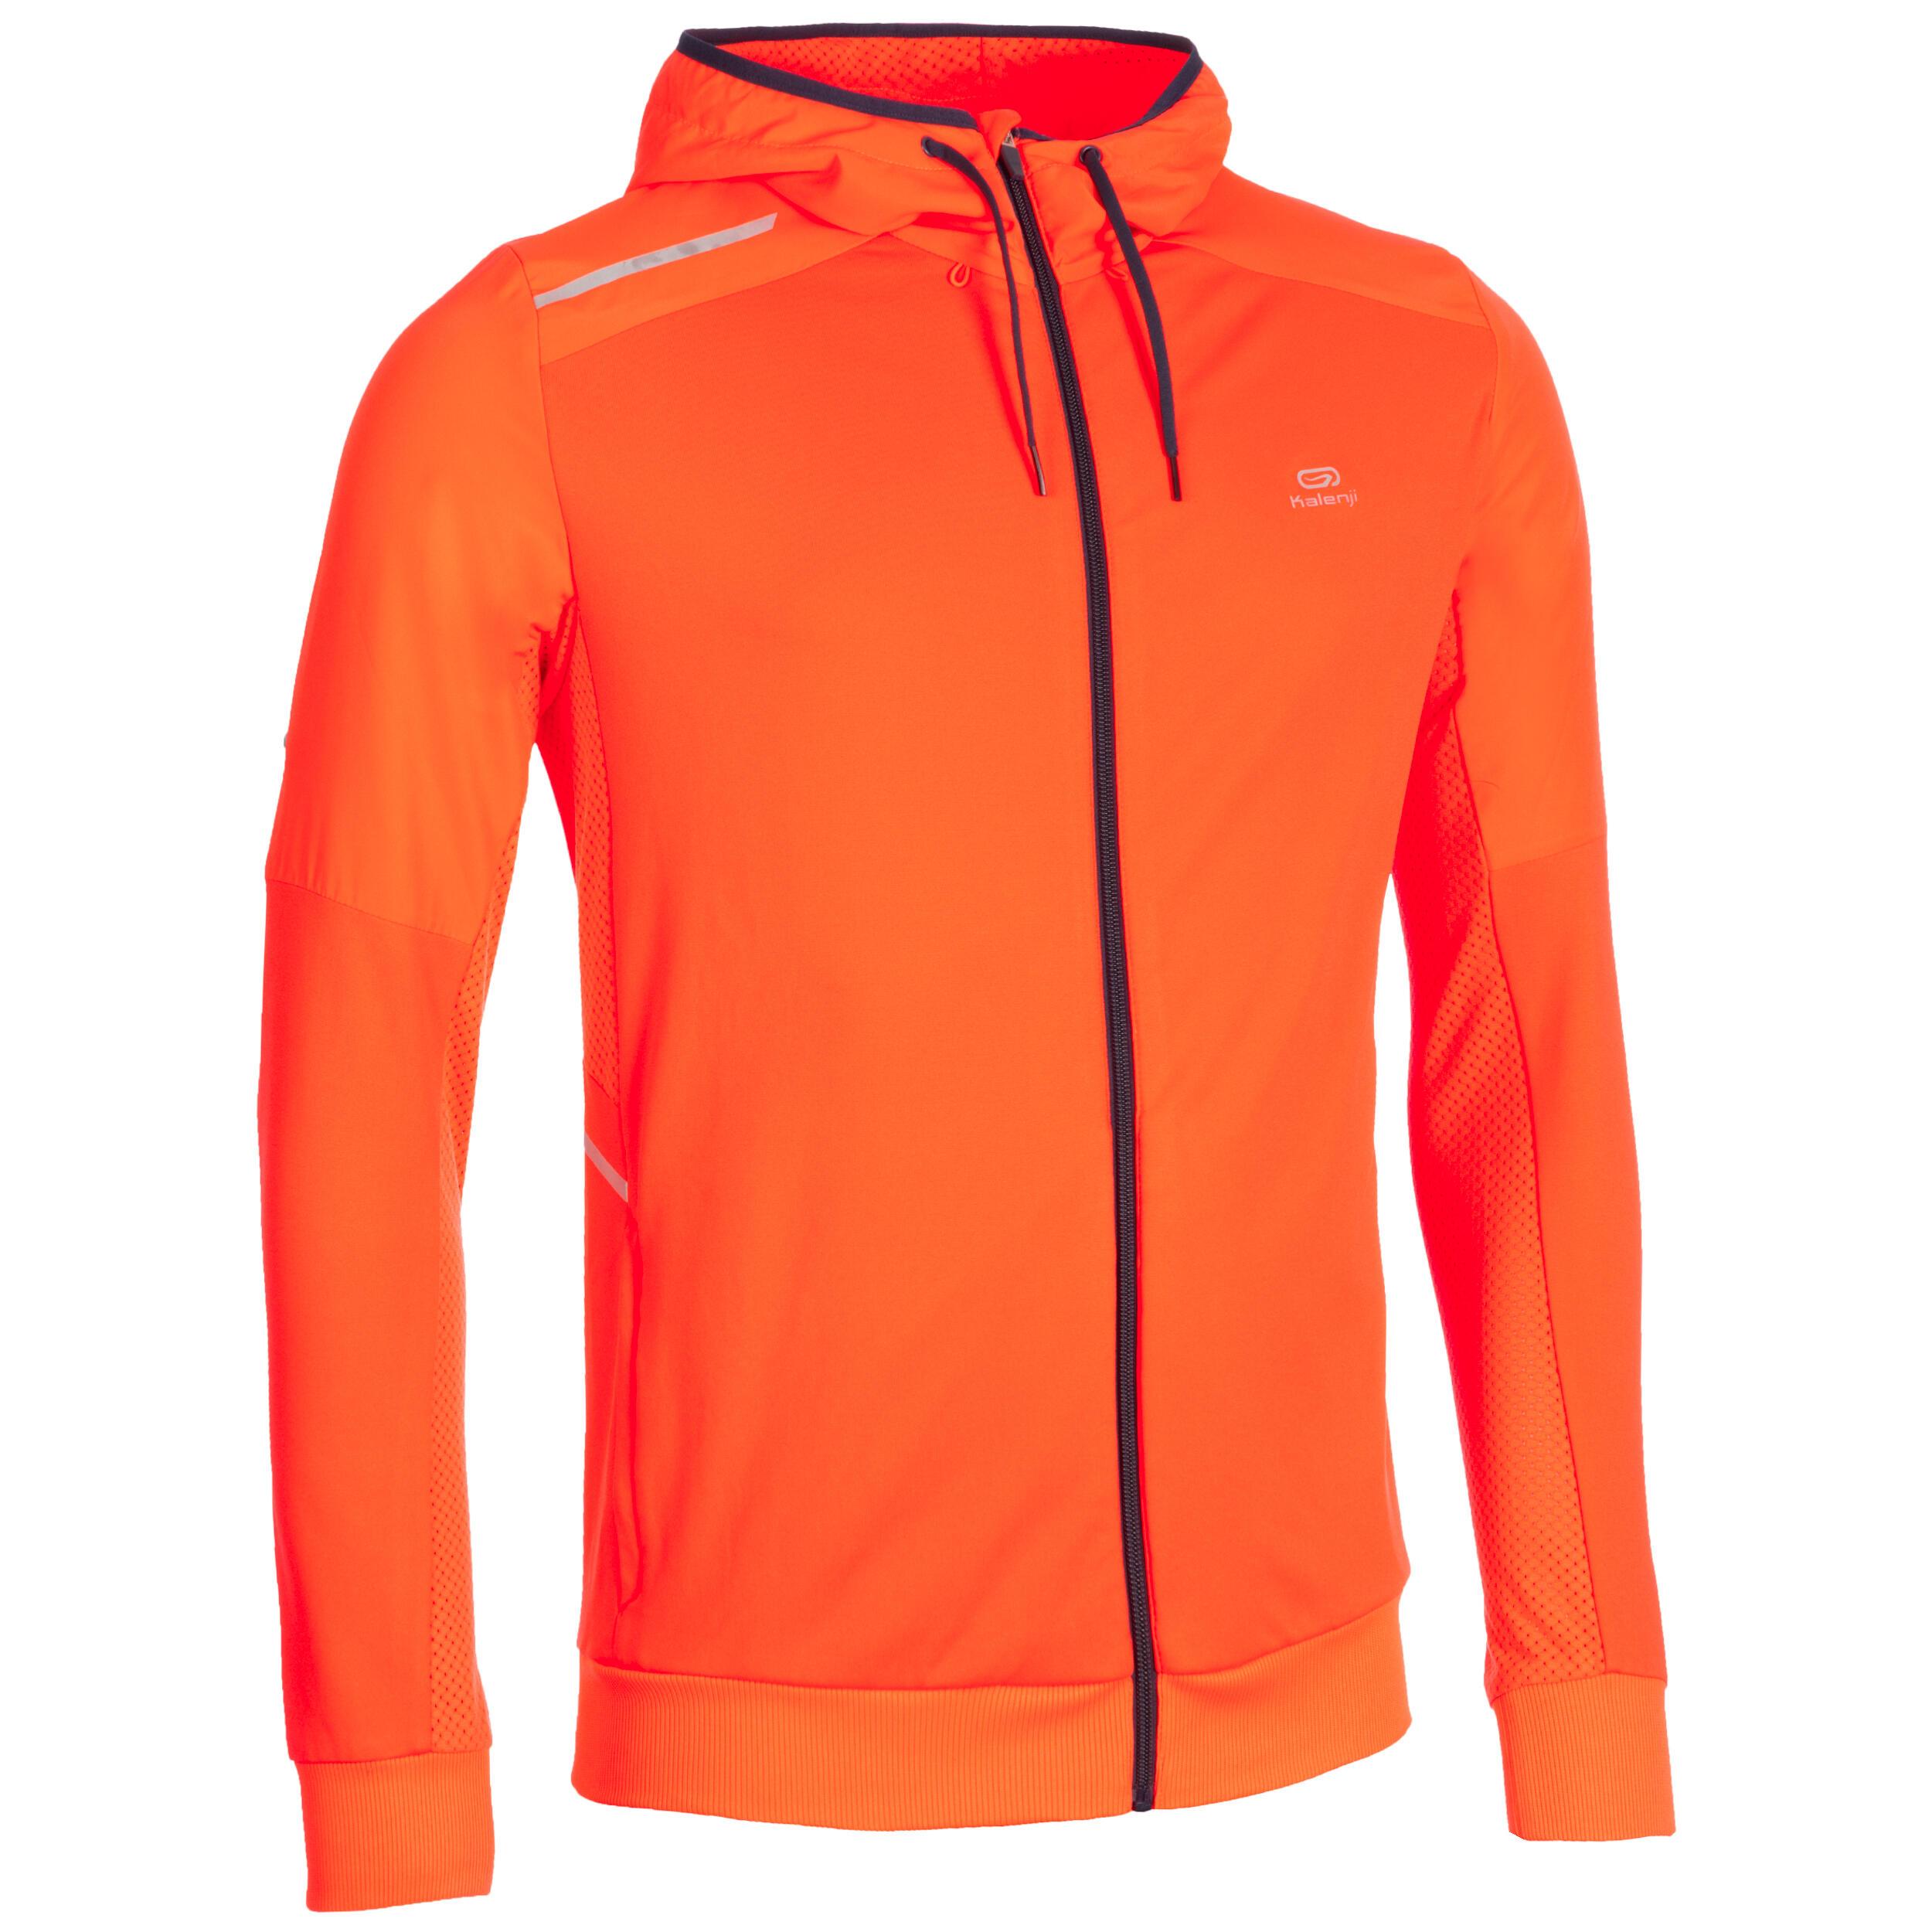 Kalenji Opwarmjack voor heren atletiek oranje